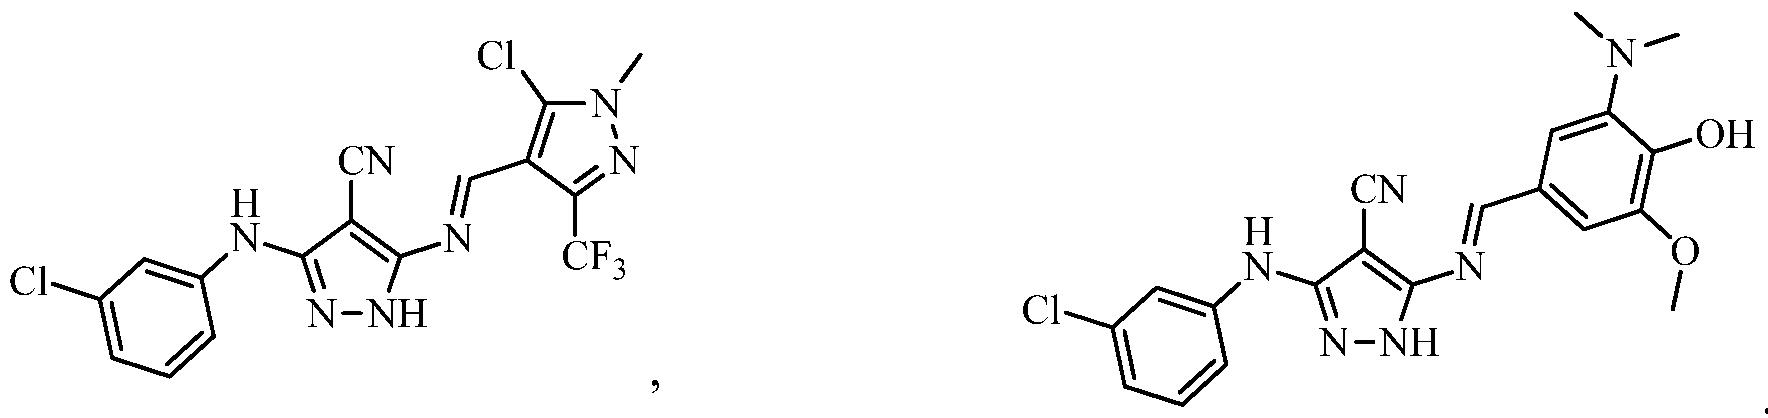 Figure imgf000166_0004